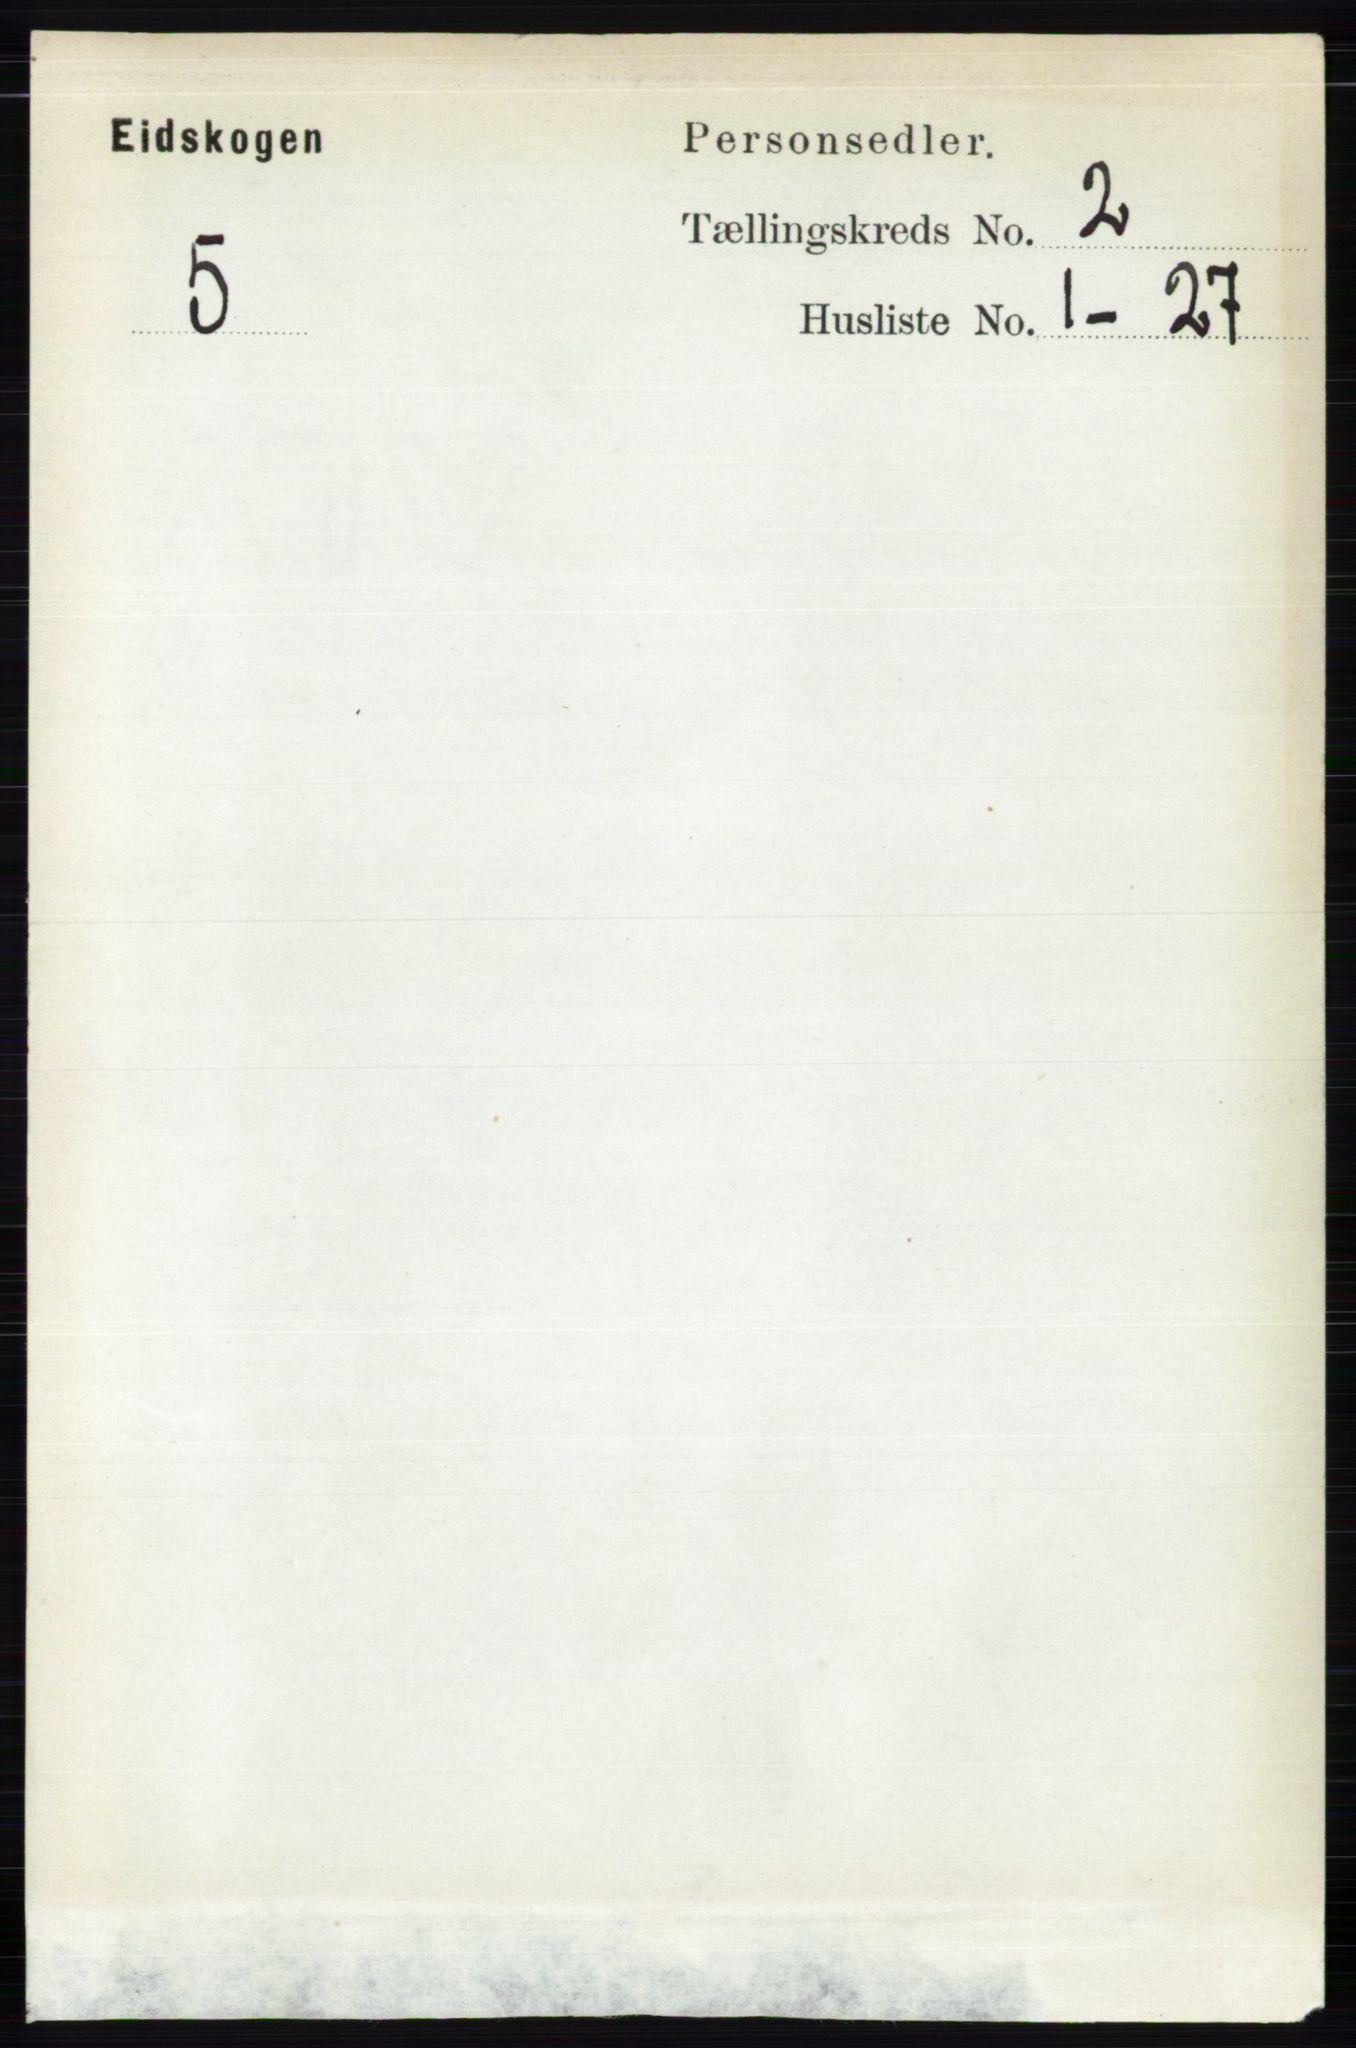 RA, Folketelling 1891 for 0420 Eidskog herred, 1891, s. 509